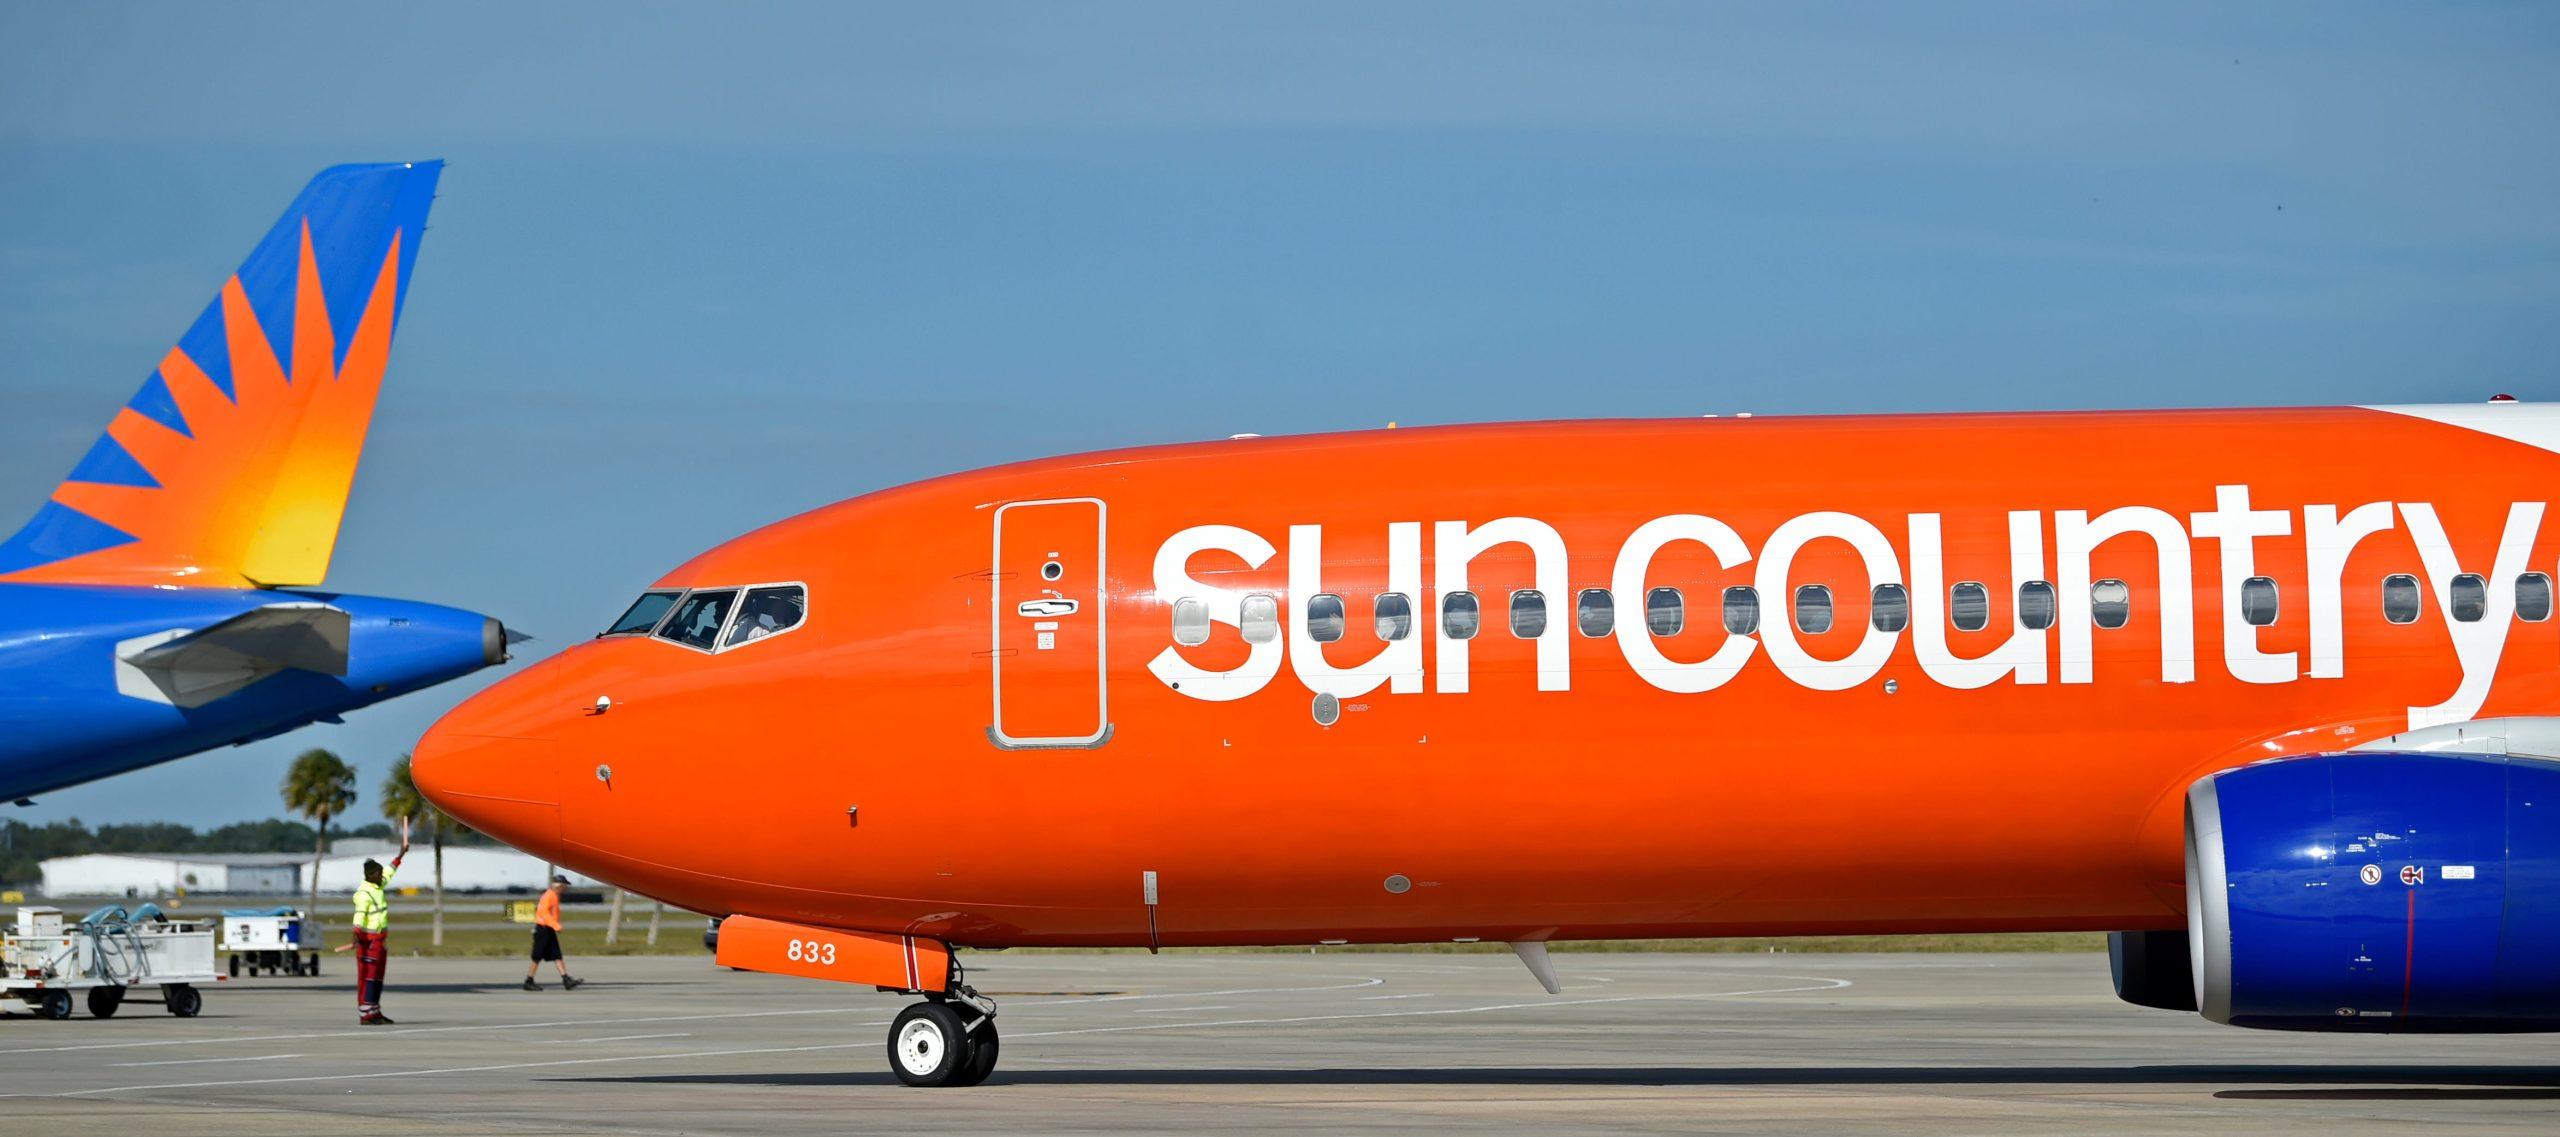 أكثر شركات الطيران الامريكية التزامًا بالمواعيد في سبتمبر 2021